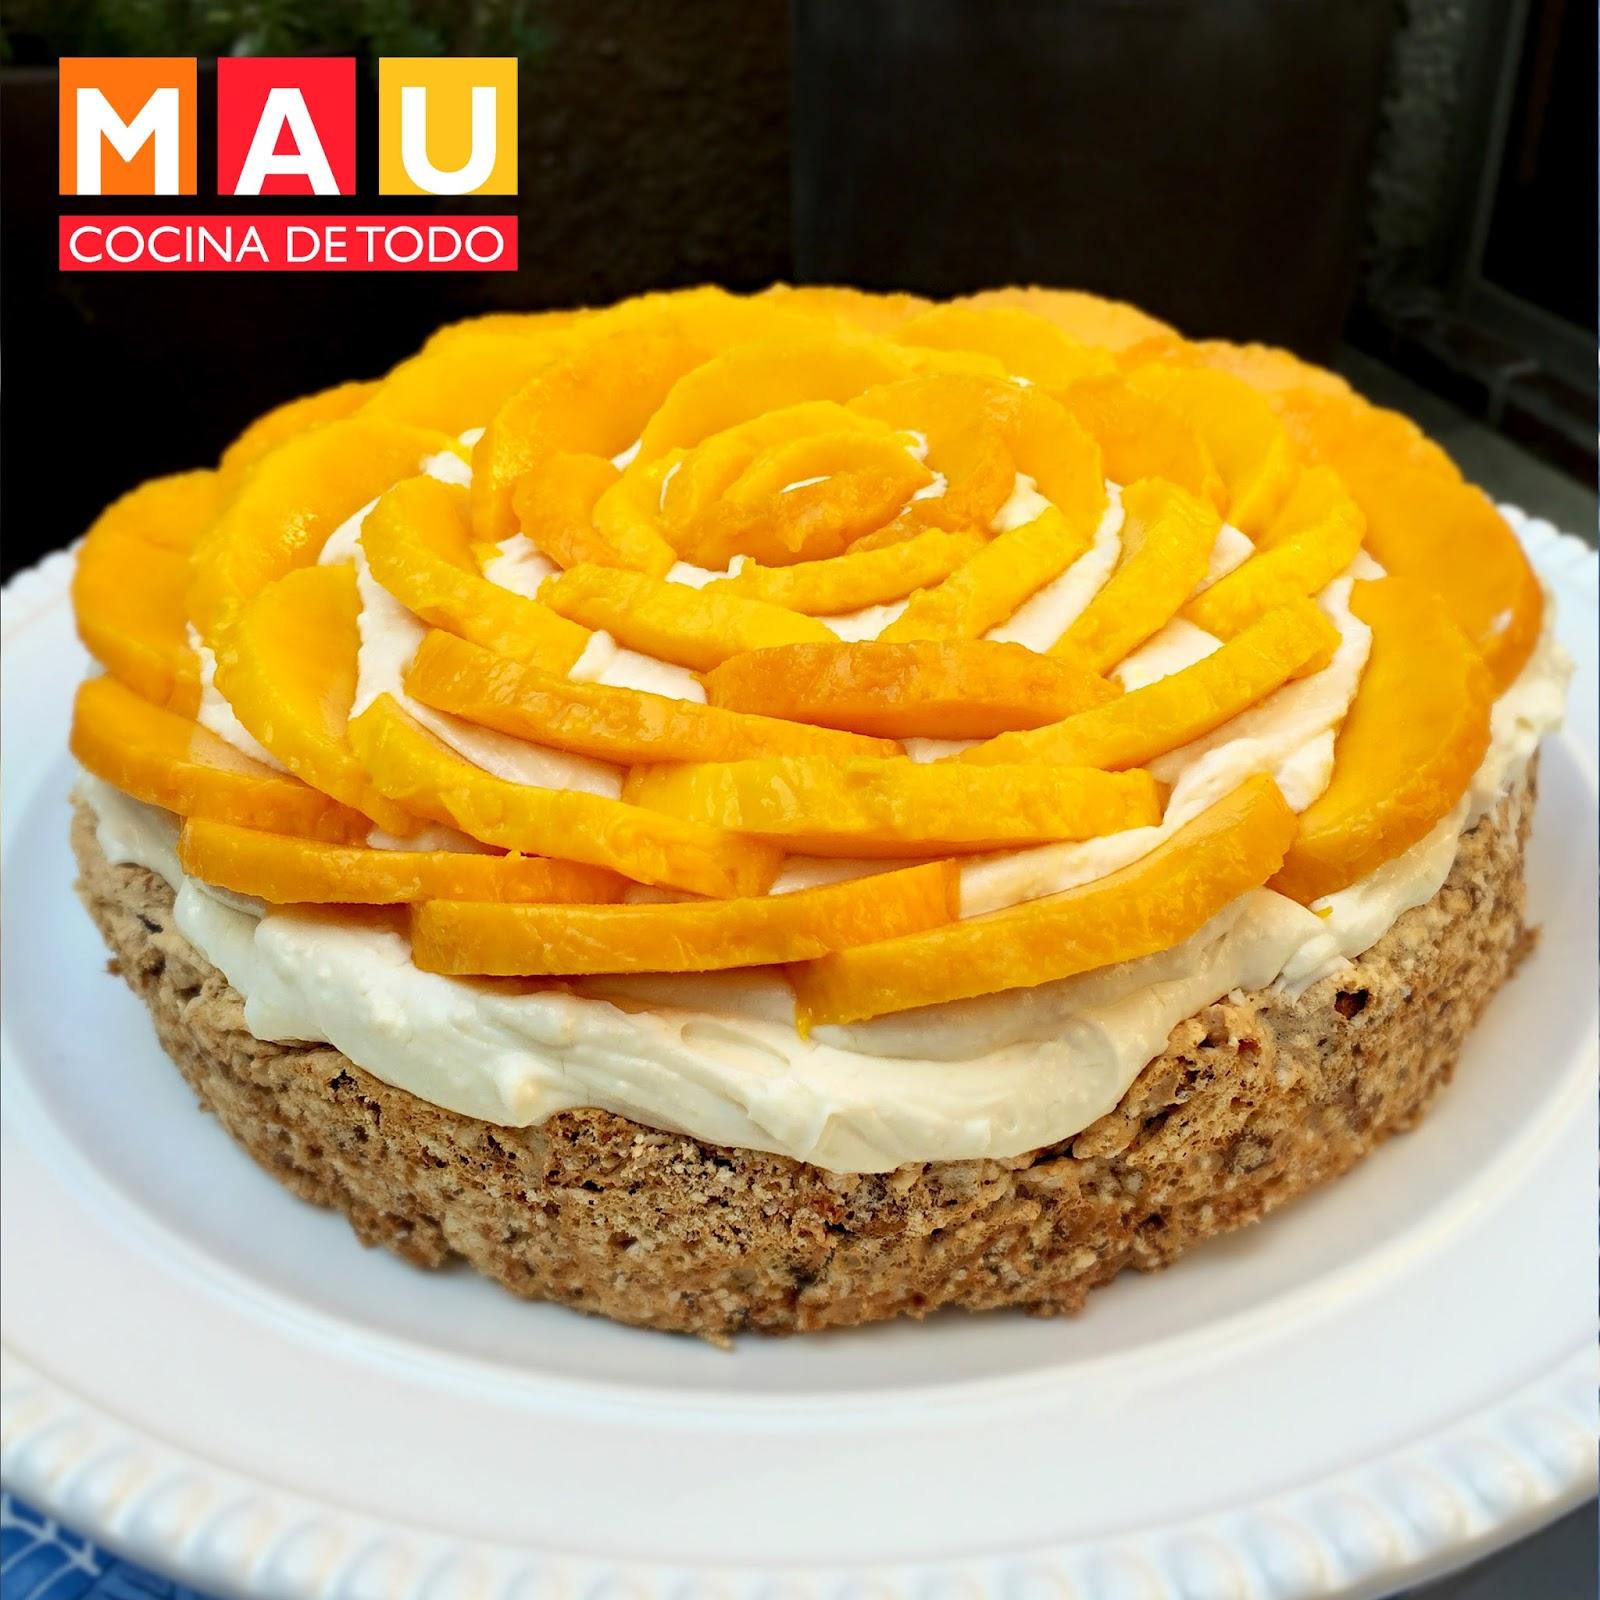 Mau cocina de todo mostach n de mango for Todo para la cocina